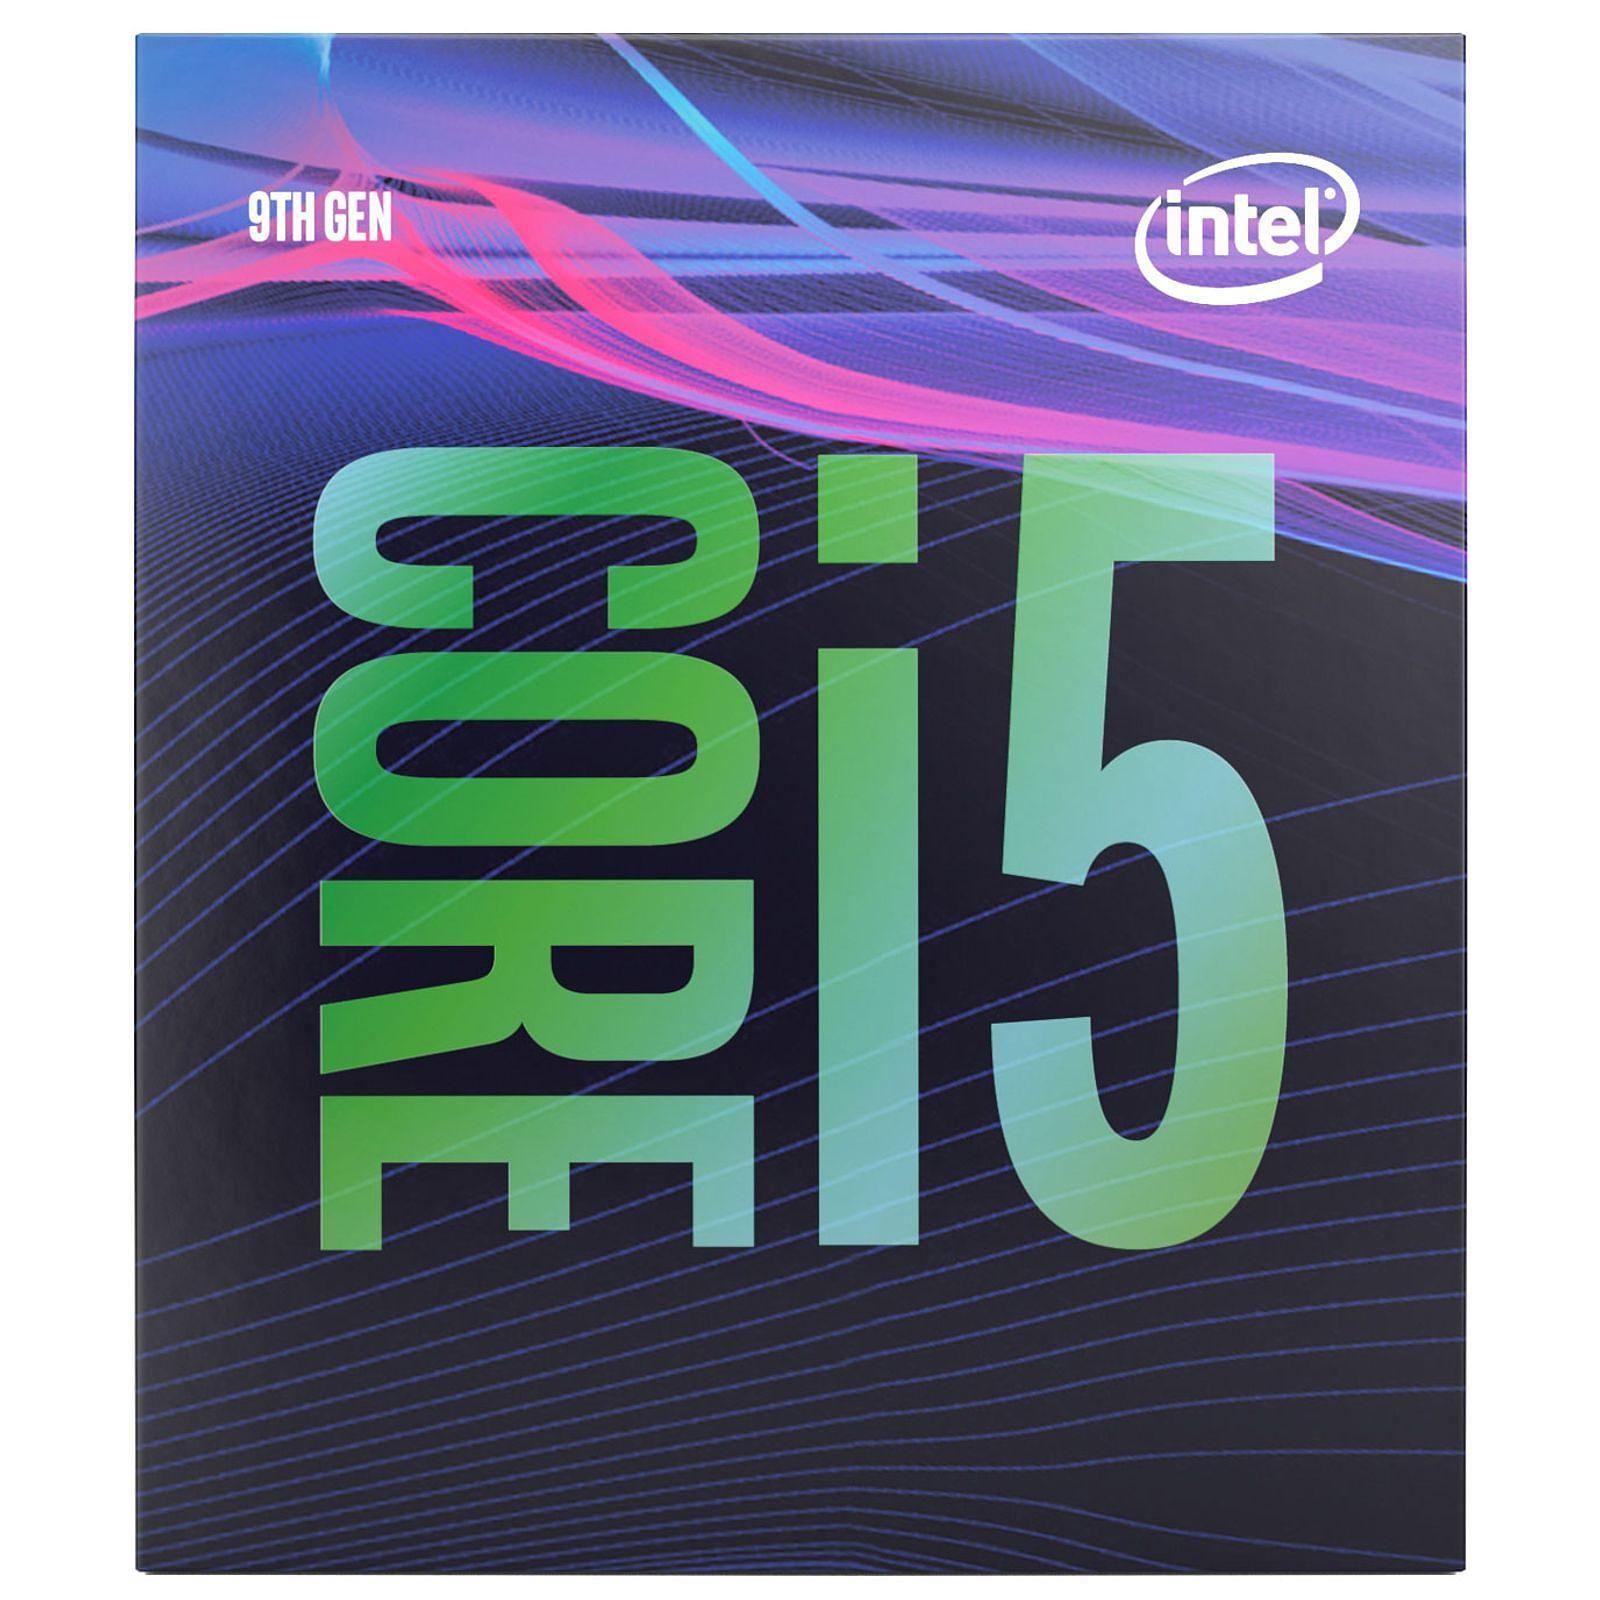 Intel Core i5-9400 - 2.9GHz - Processeur Intel - Cybertek.fr - 2